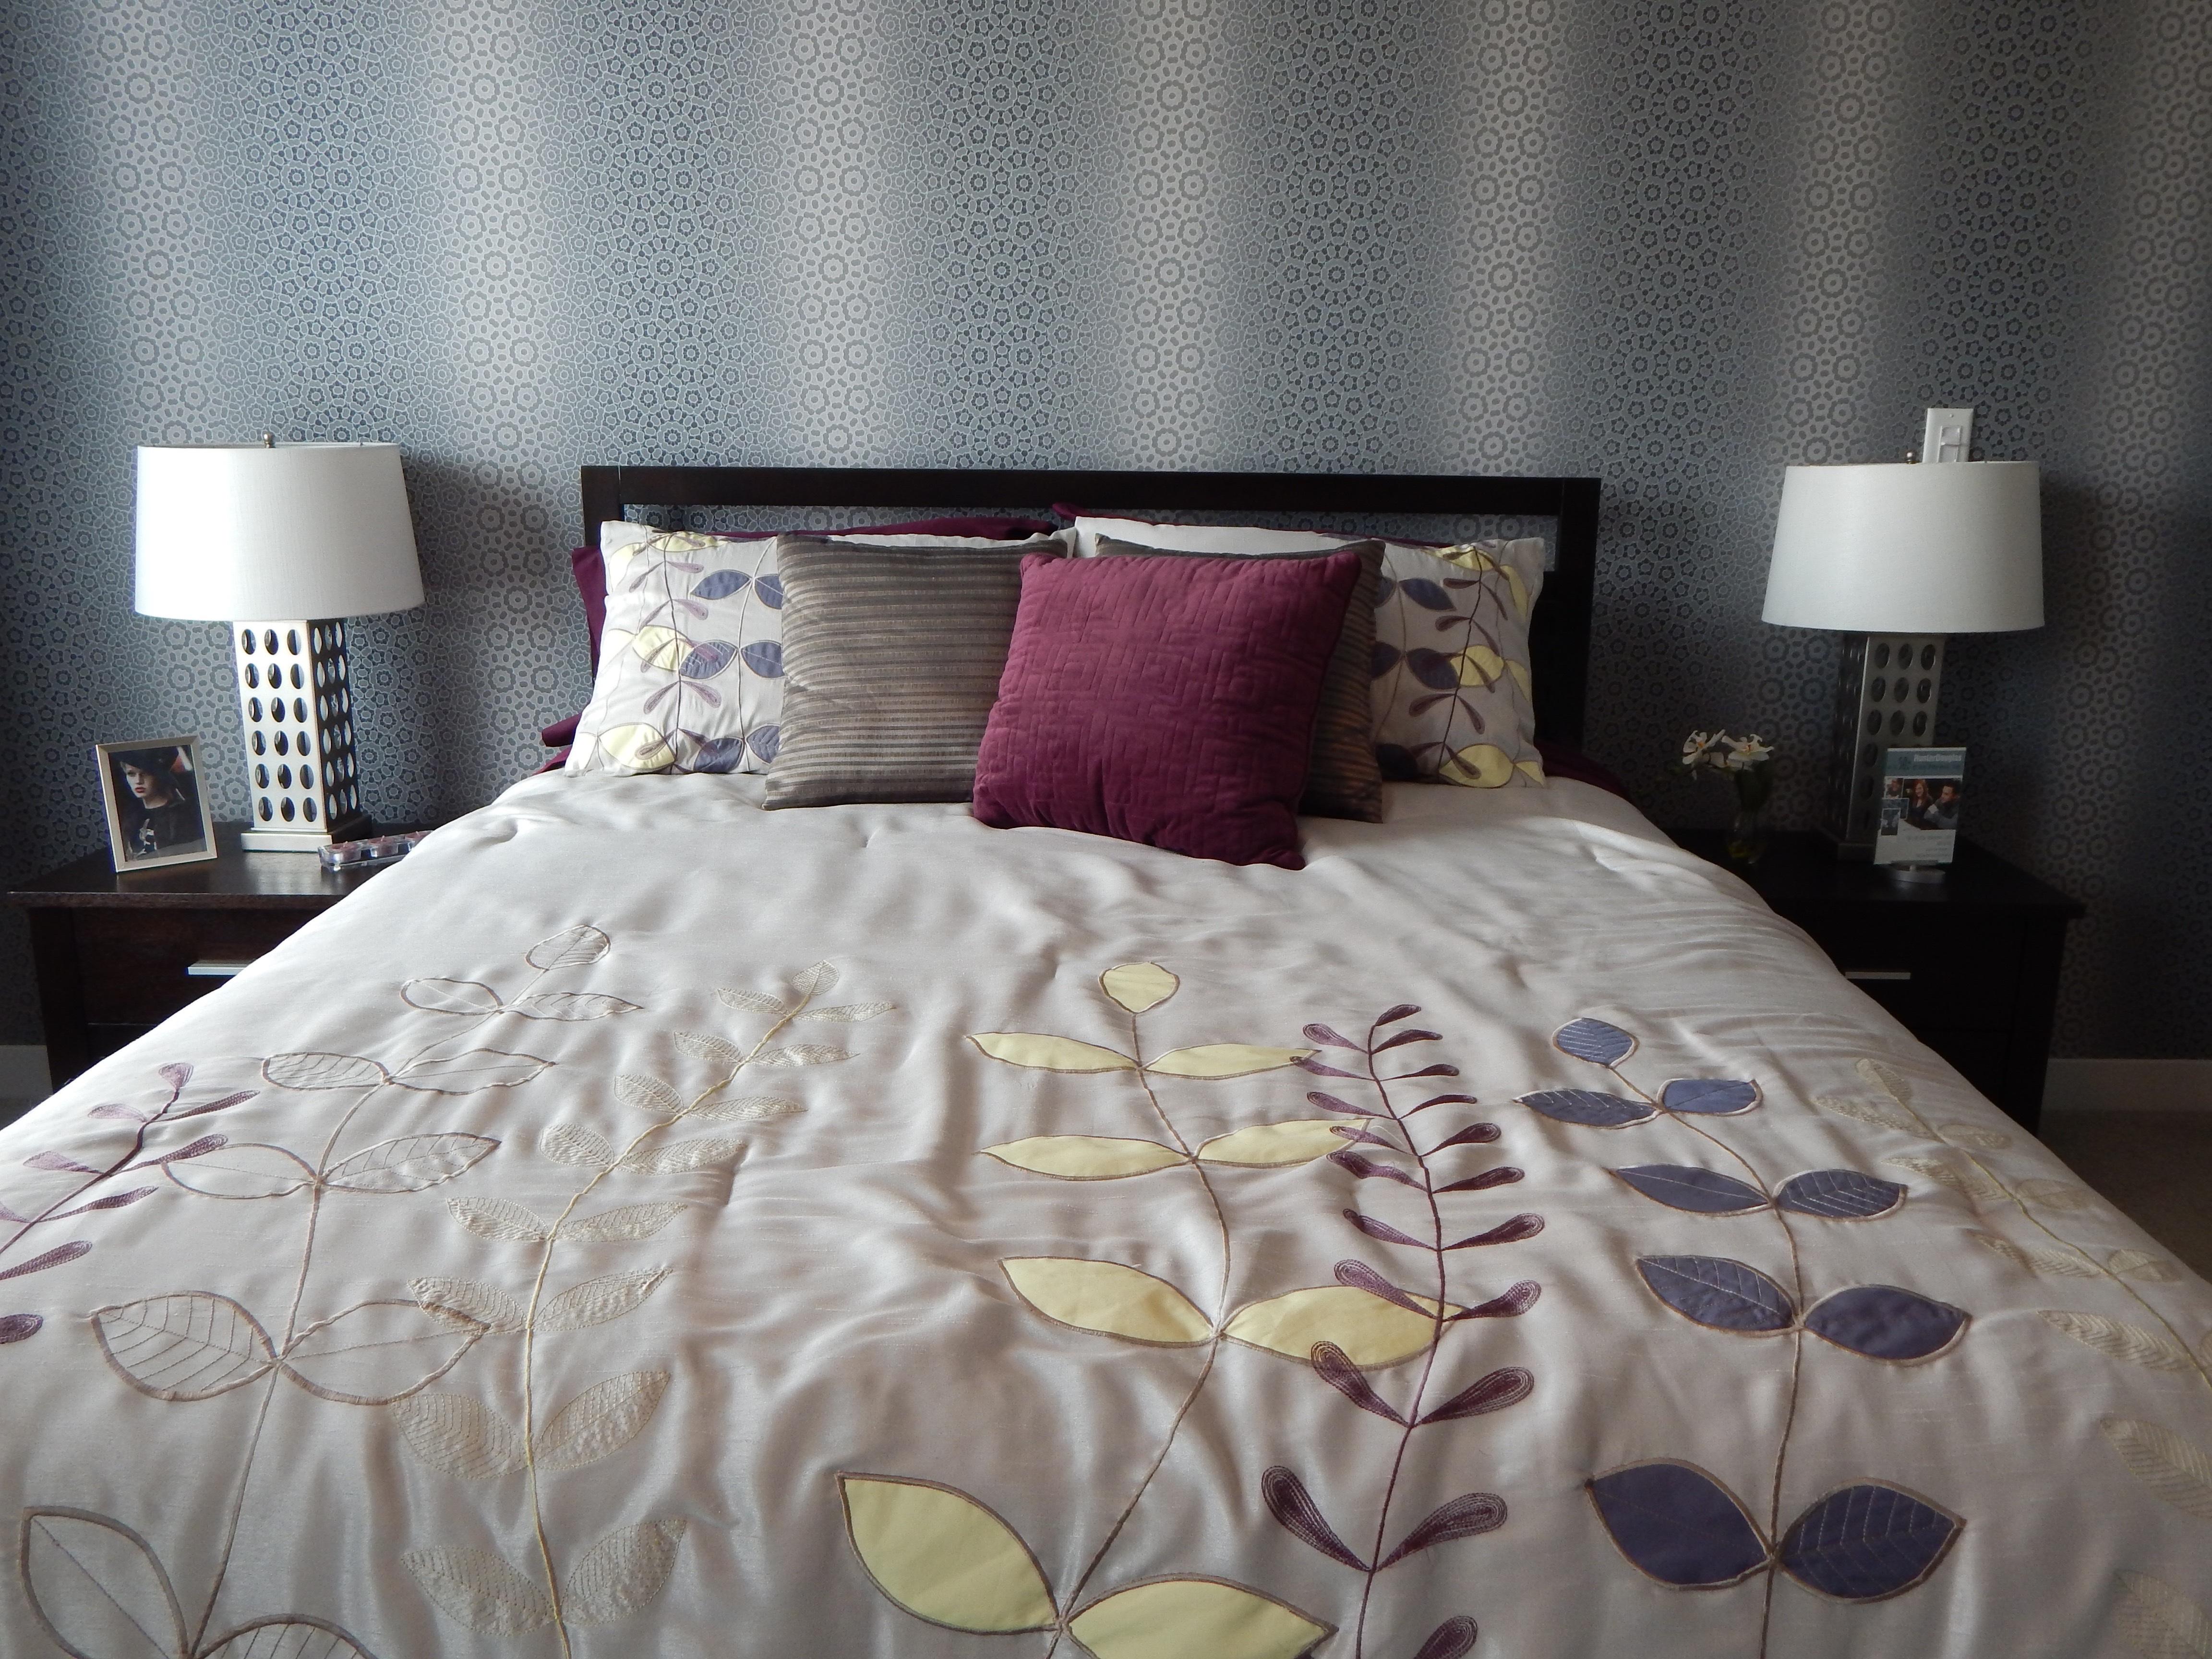 Fotos Gratis Casa Interior Dormido Mueble Habitaci N Cuarto  # Muebles Cover Decoracion